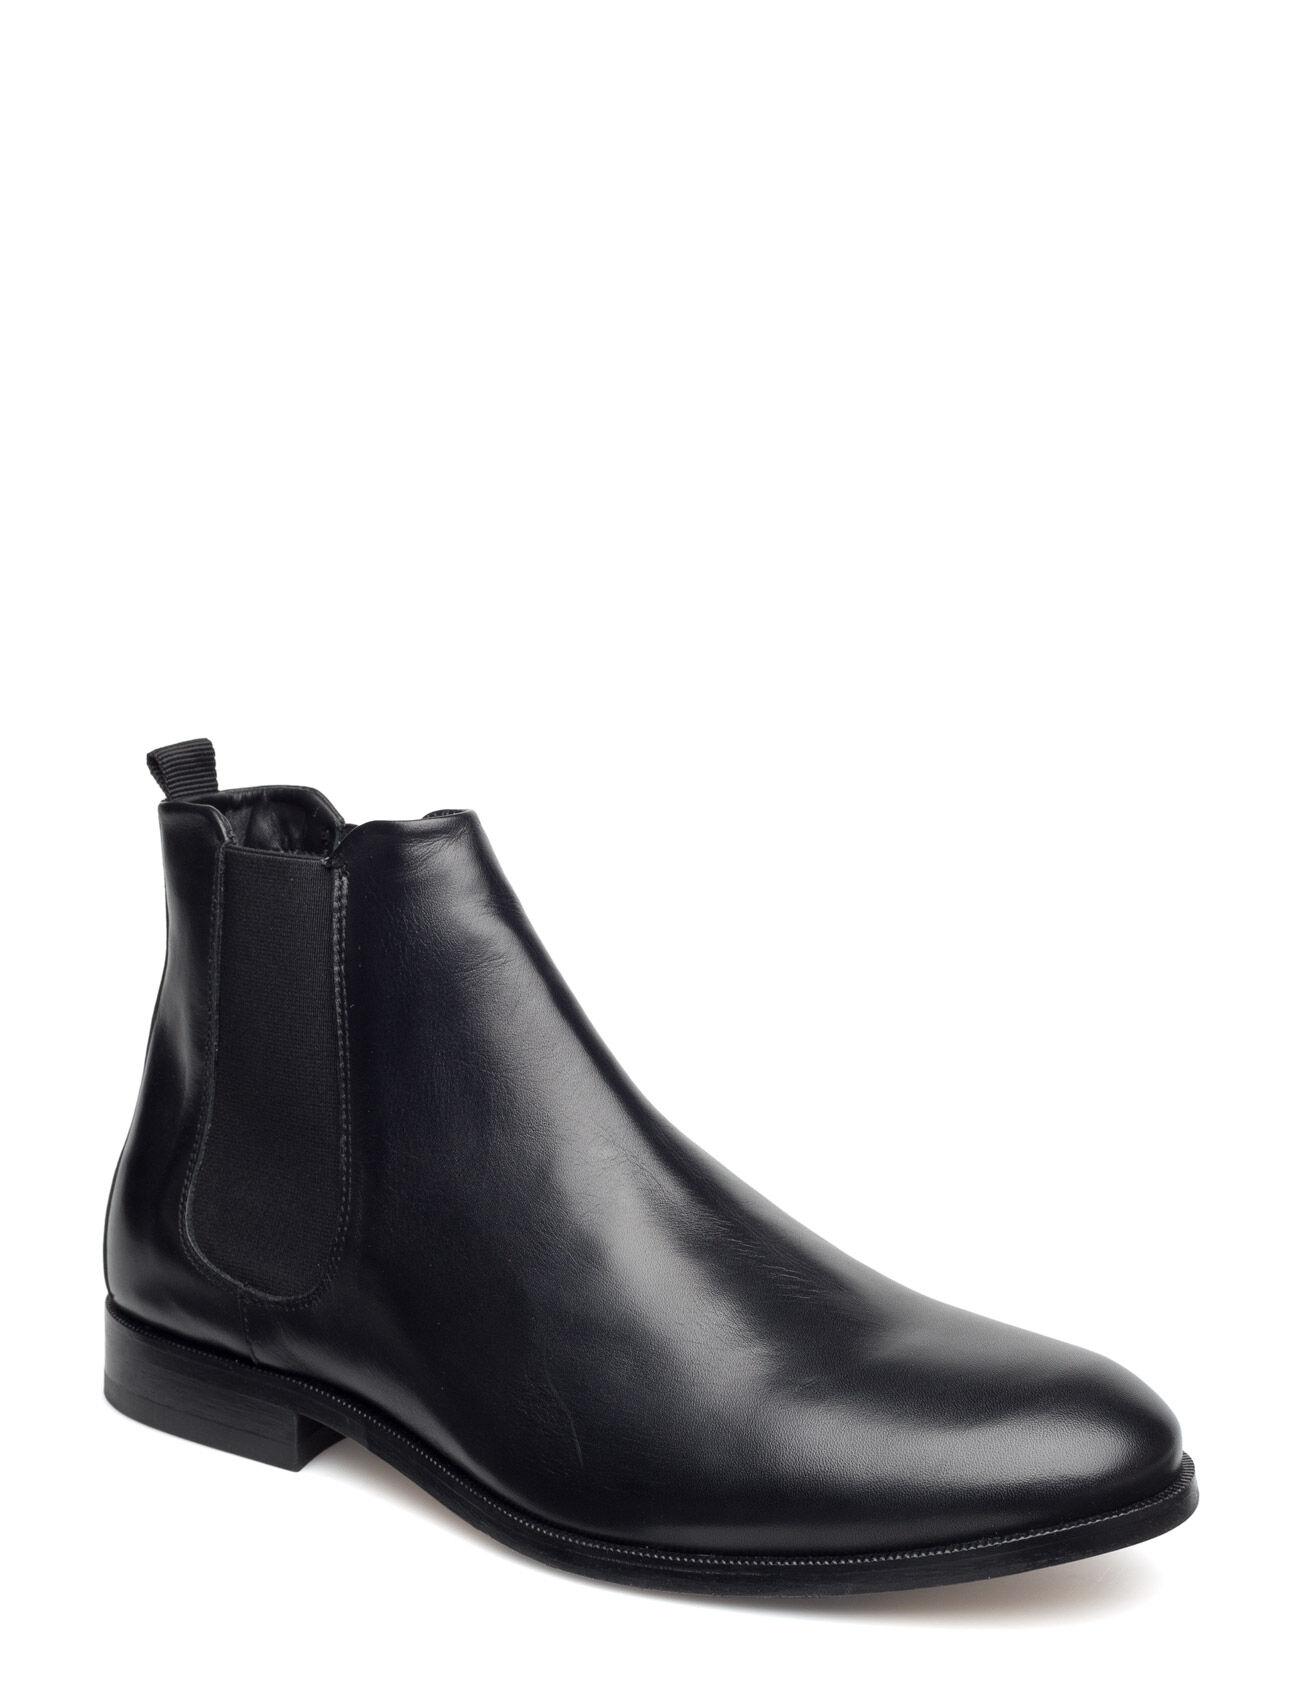 Royal RepubliQ Cast Chelsea Shoe - Classic